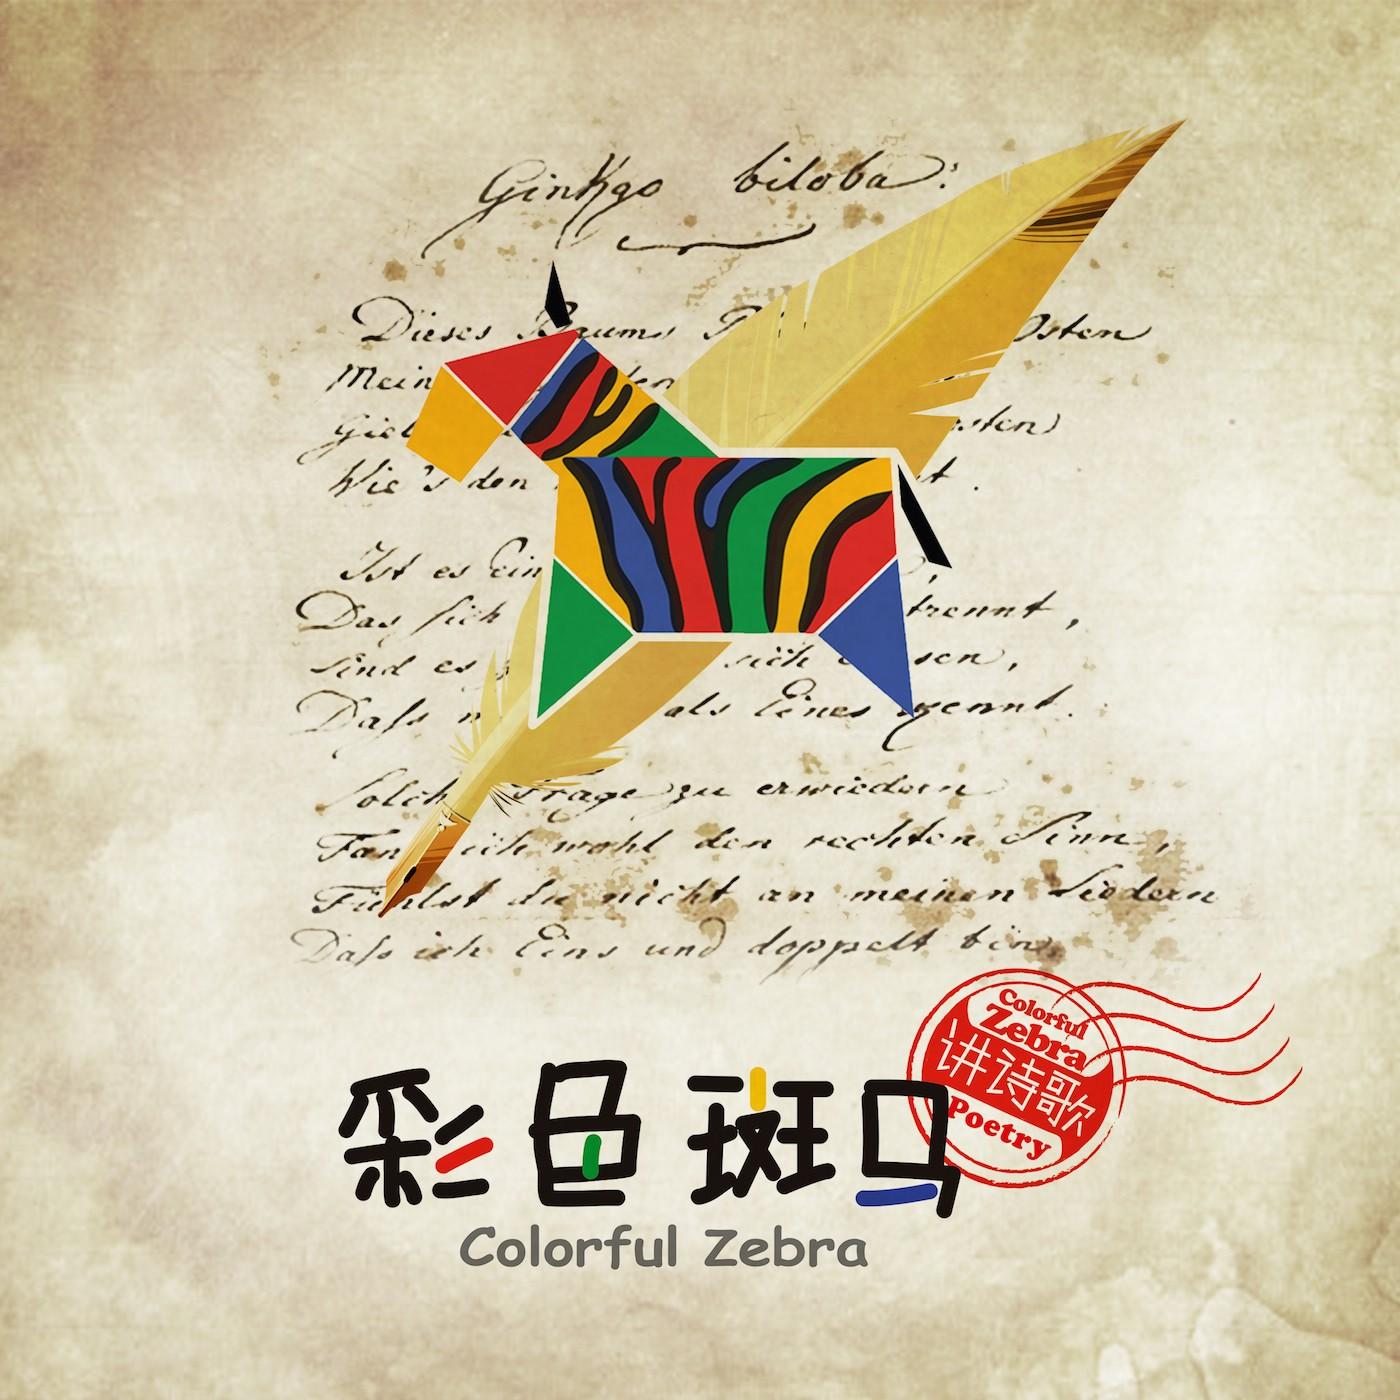 彩色斑马讲诗歌